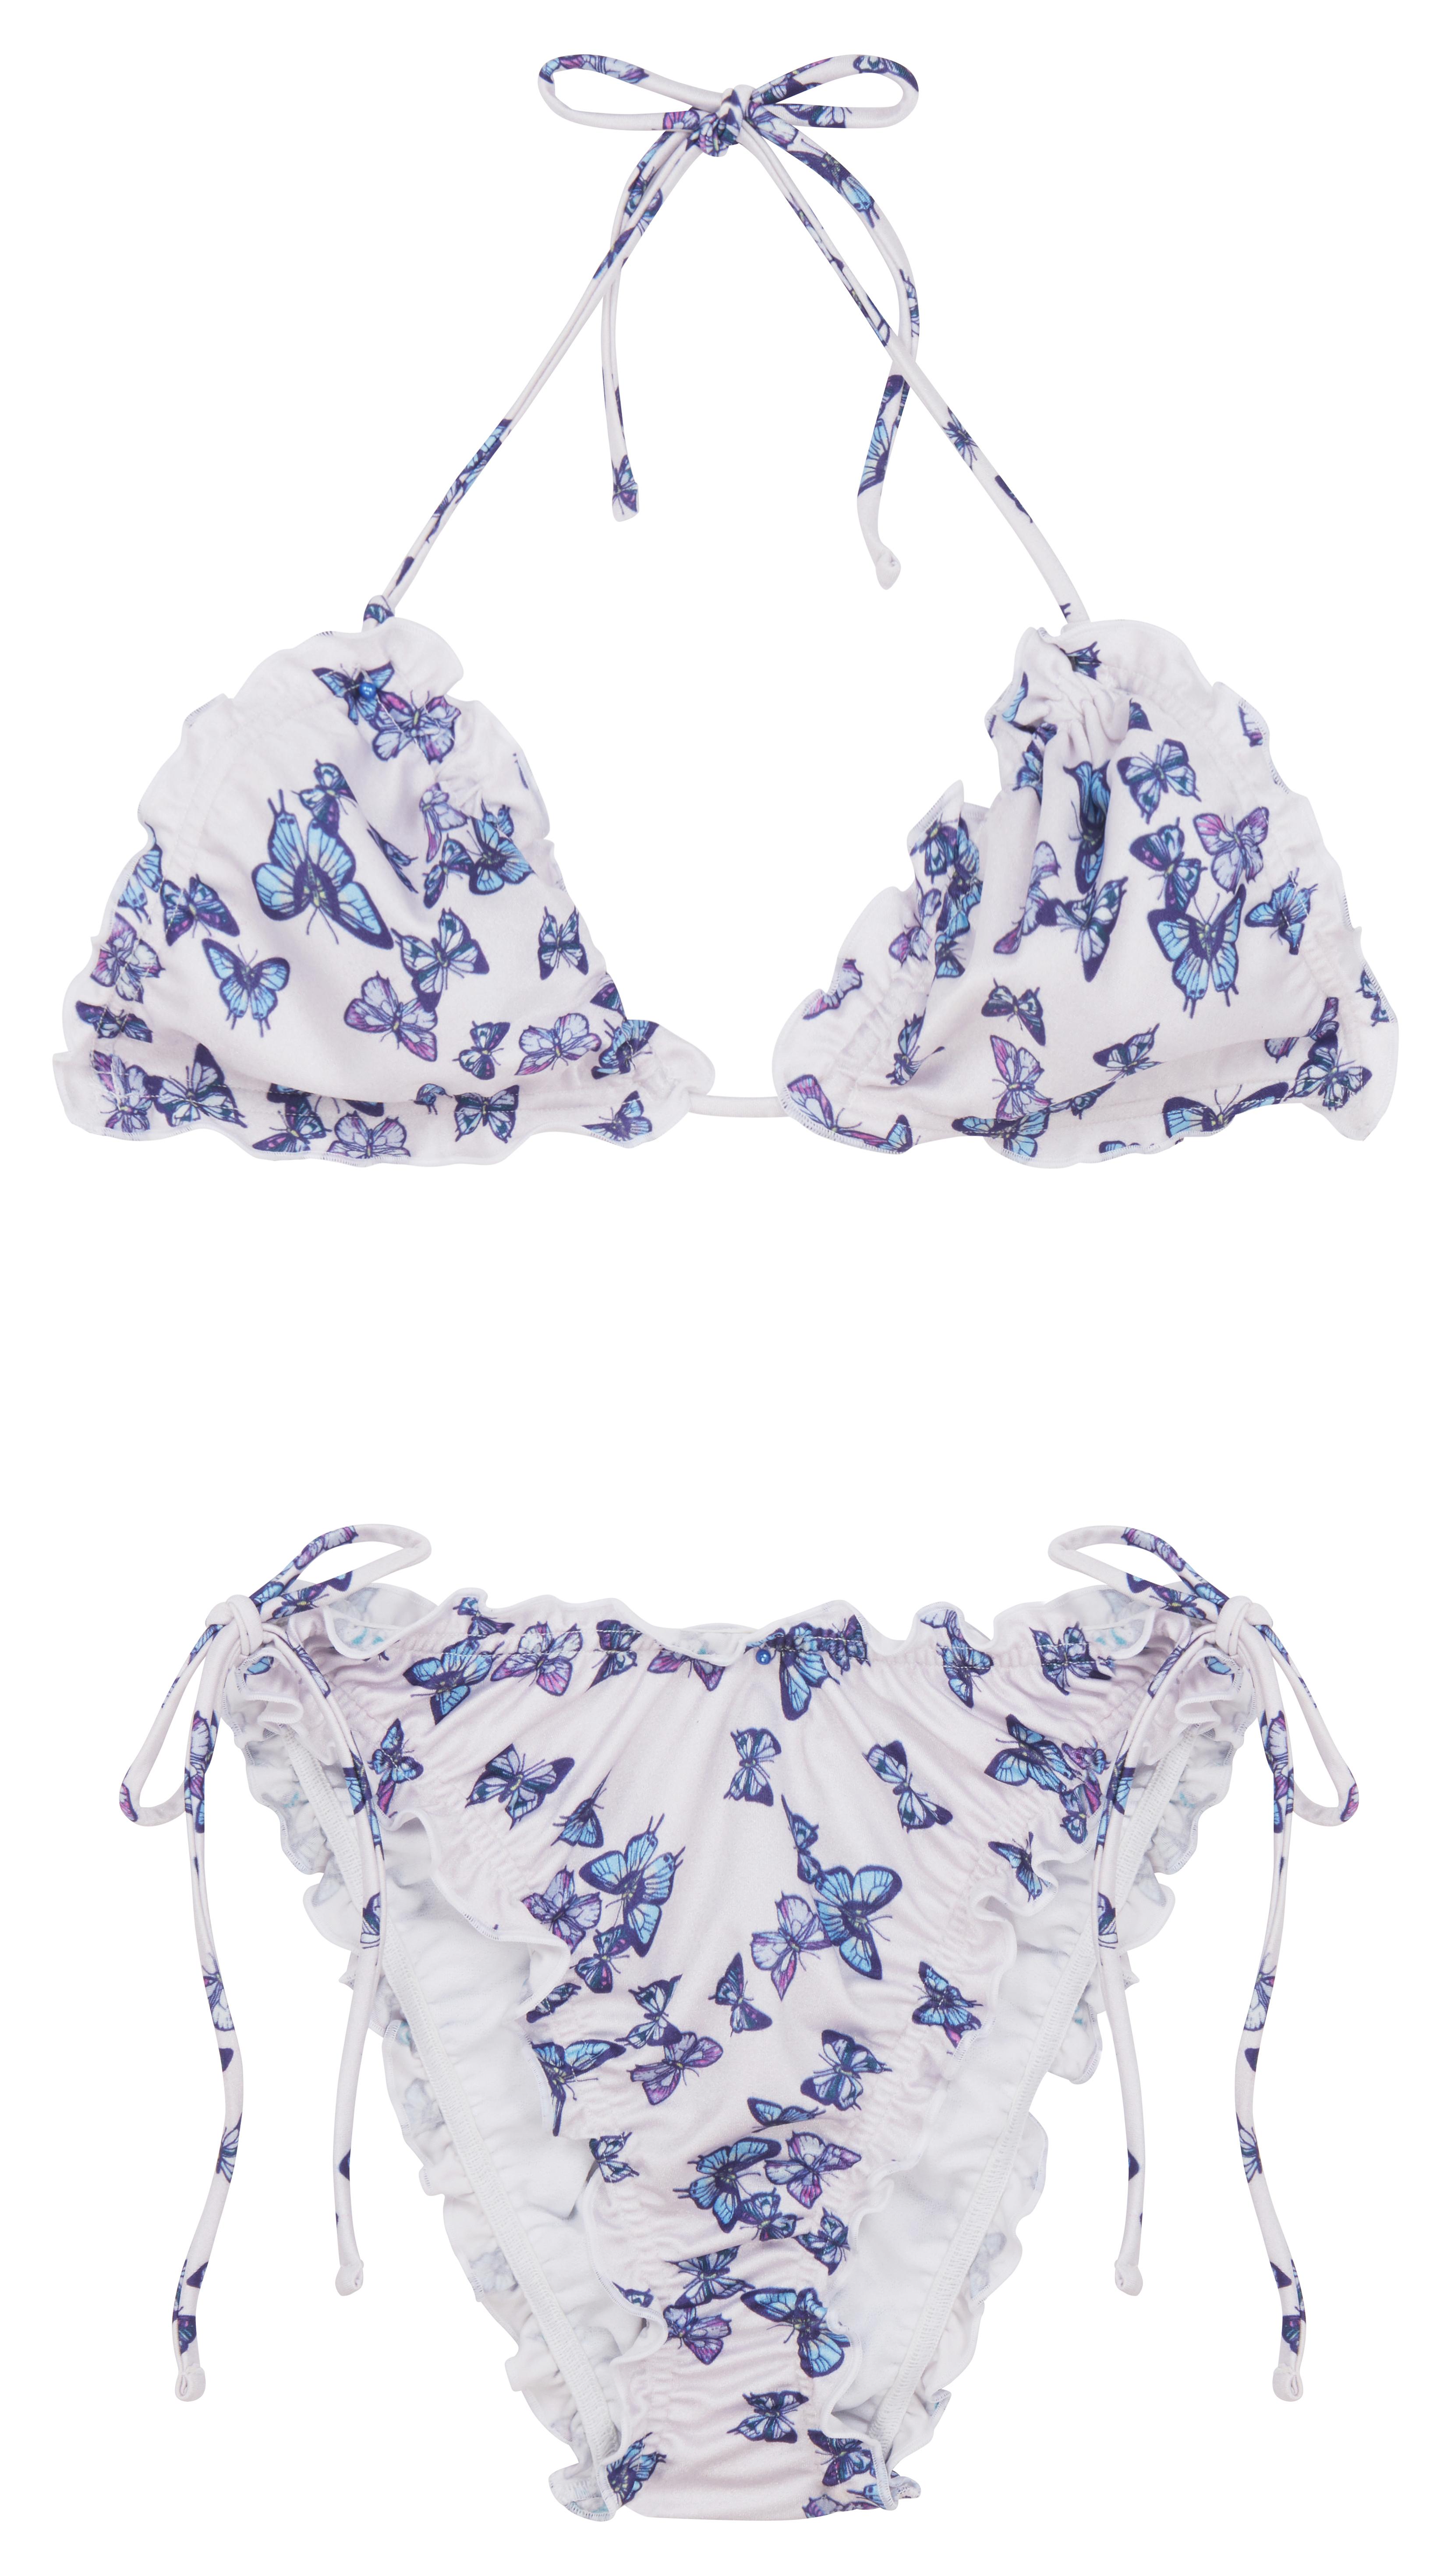 Bikini con estampado de mariposas y bordes acampanados